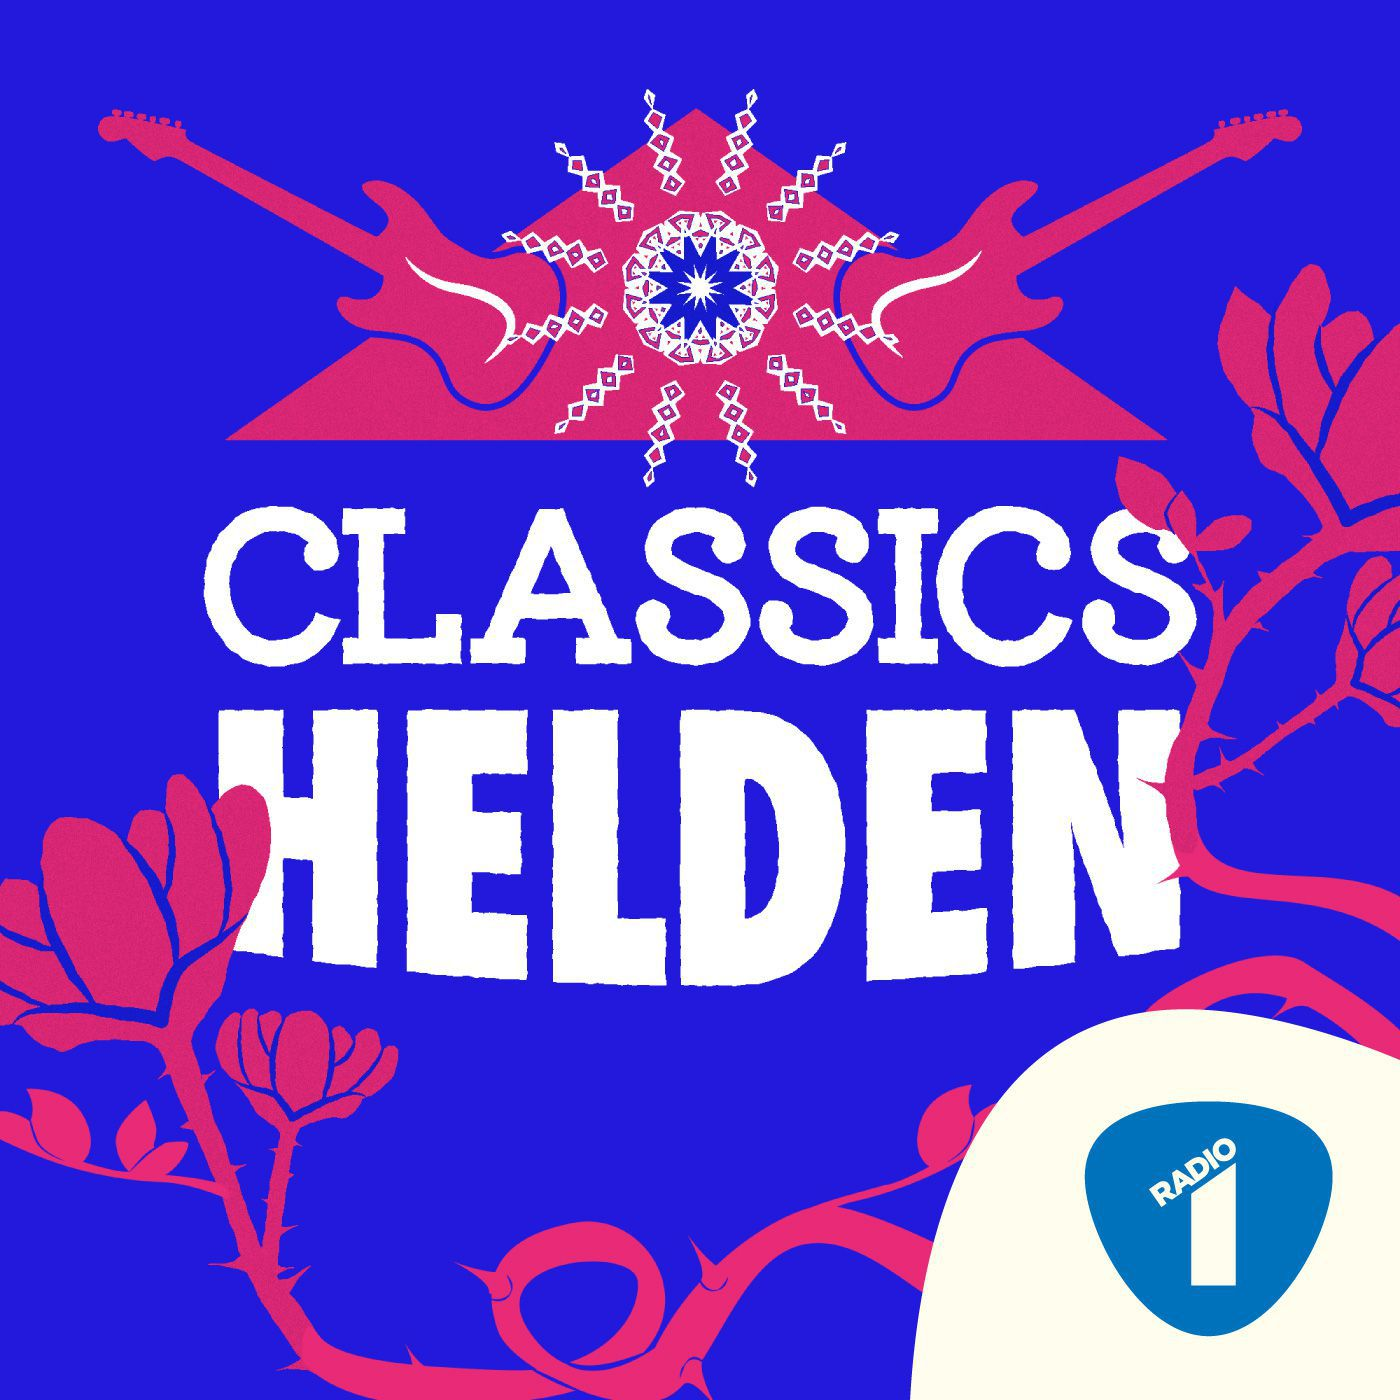 Classics Helden logo